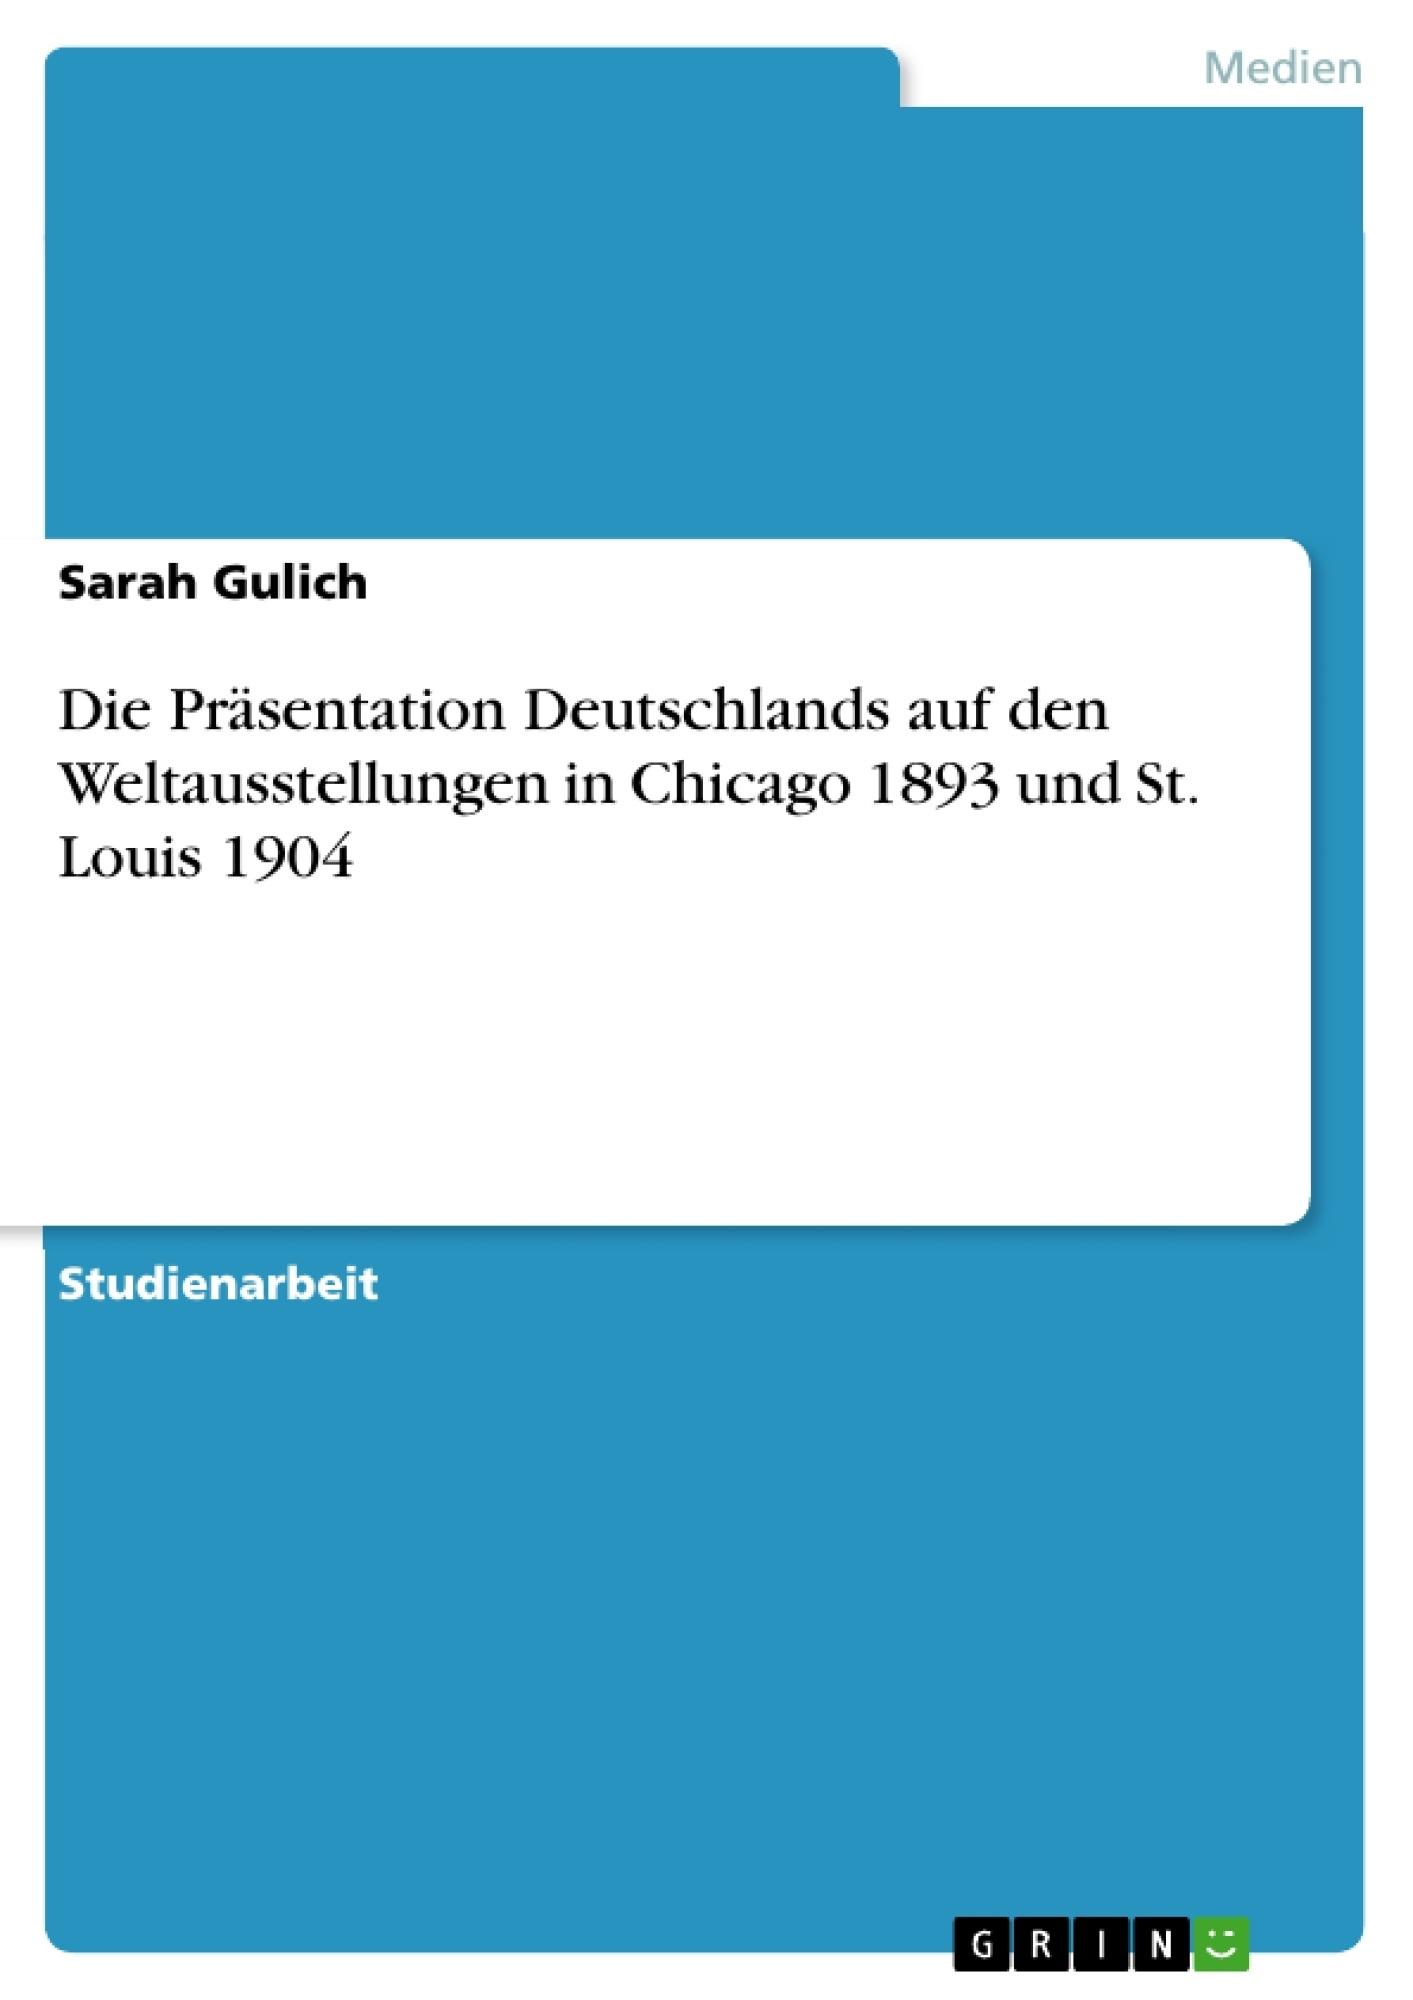 Titel: Die Präsentation Deutschlands auf den Weltausstellungen in Chicago 1893 und St. Louis 1904